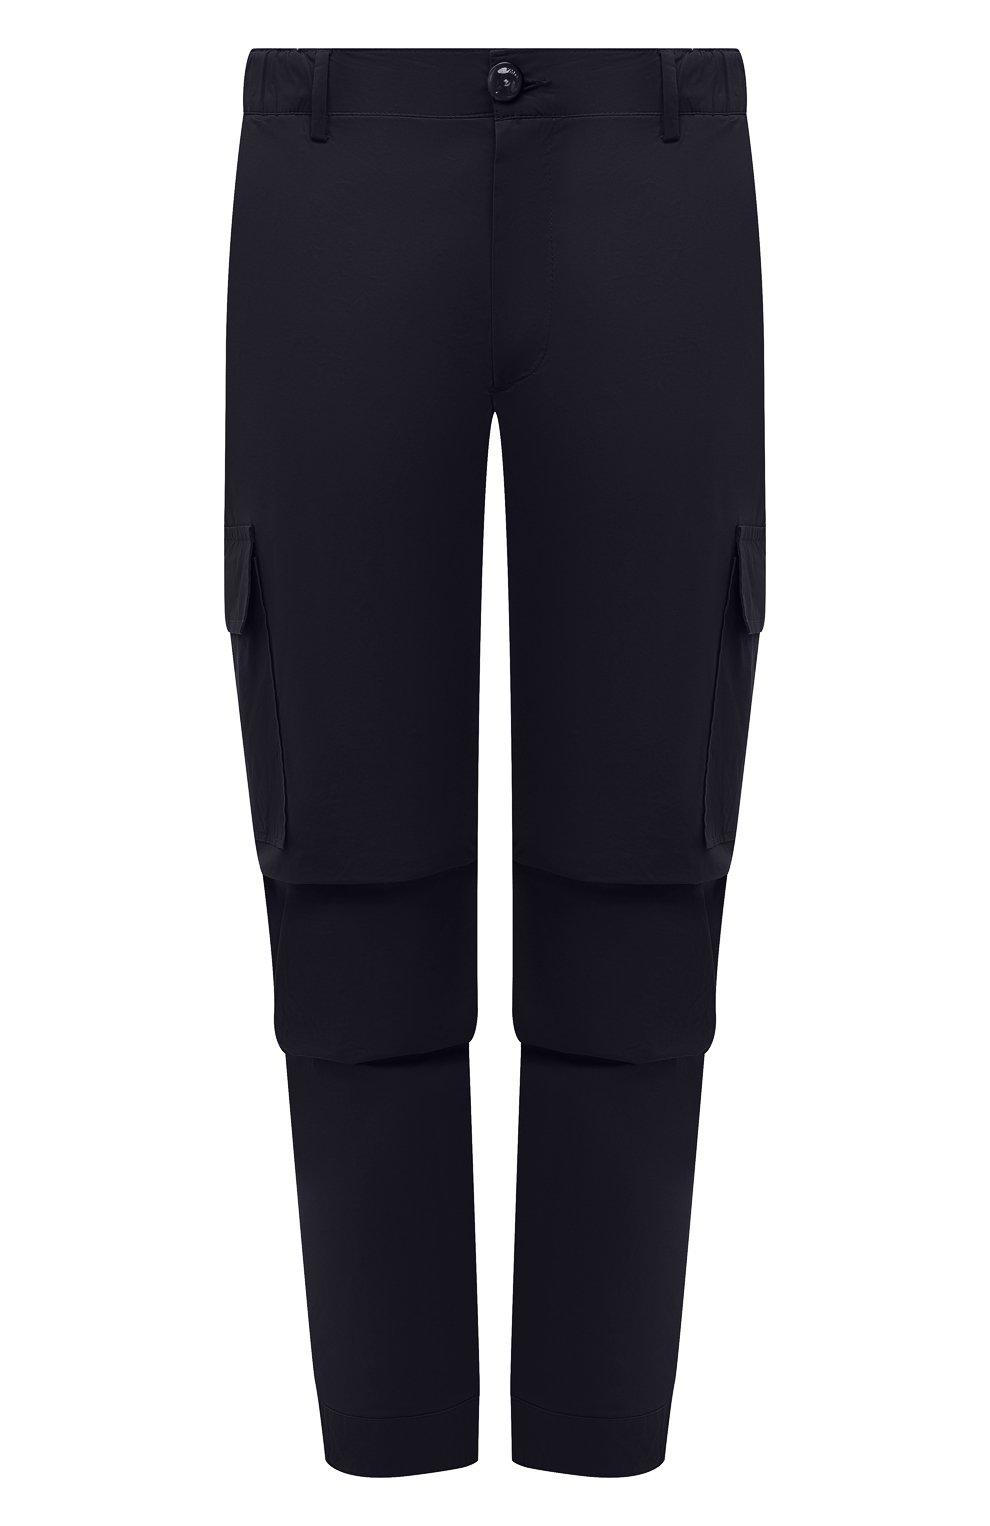 Мужские хлопковые брюки-карго PREMIUM MOOD DENIM SUPERIOR темно-синего цвета, арт. S21 04177524/MIK | Фото 1 (Силуэт М (брюки): Карго; Случай: Повседневный; Стили: Гранж; Материал внешний: Хлопок; Длина (брюки, джинсы): Укороченные)